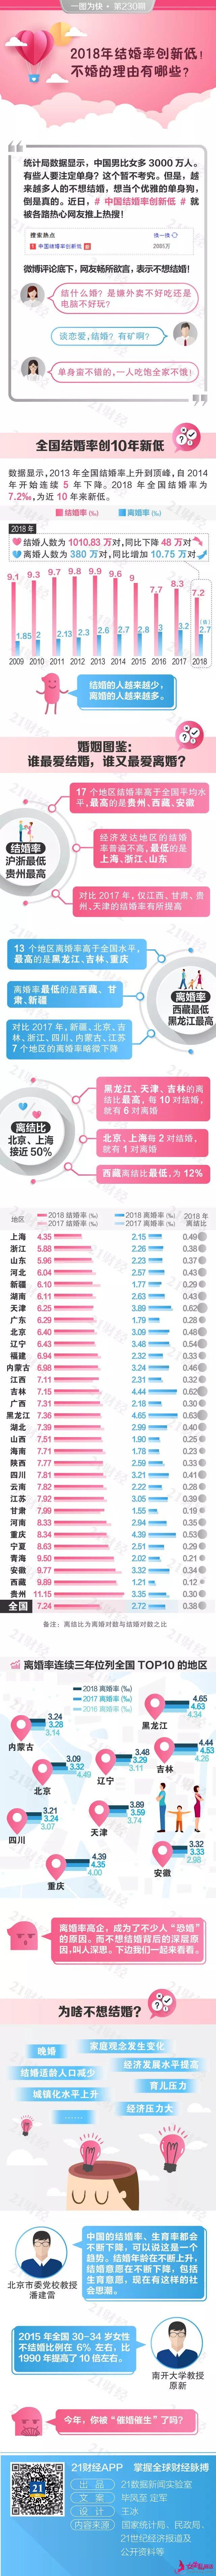 我国2018年结婚率创新低!越发达地域越不积极